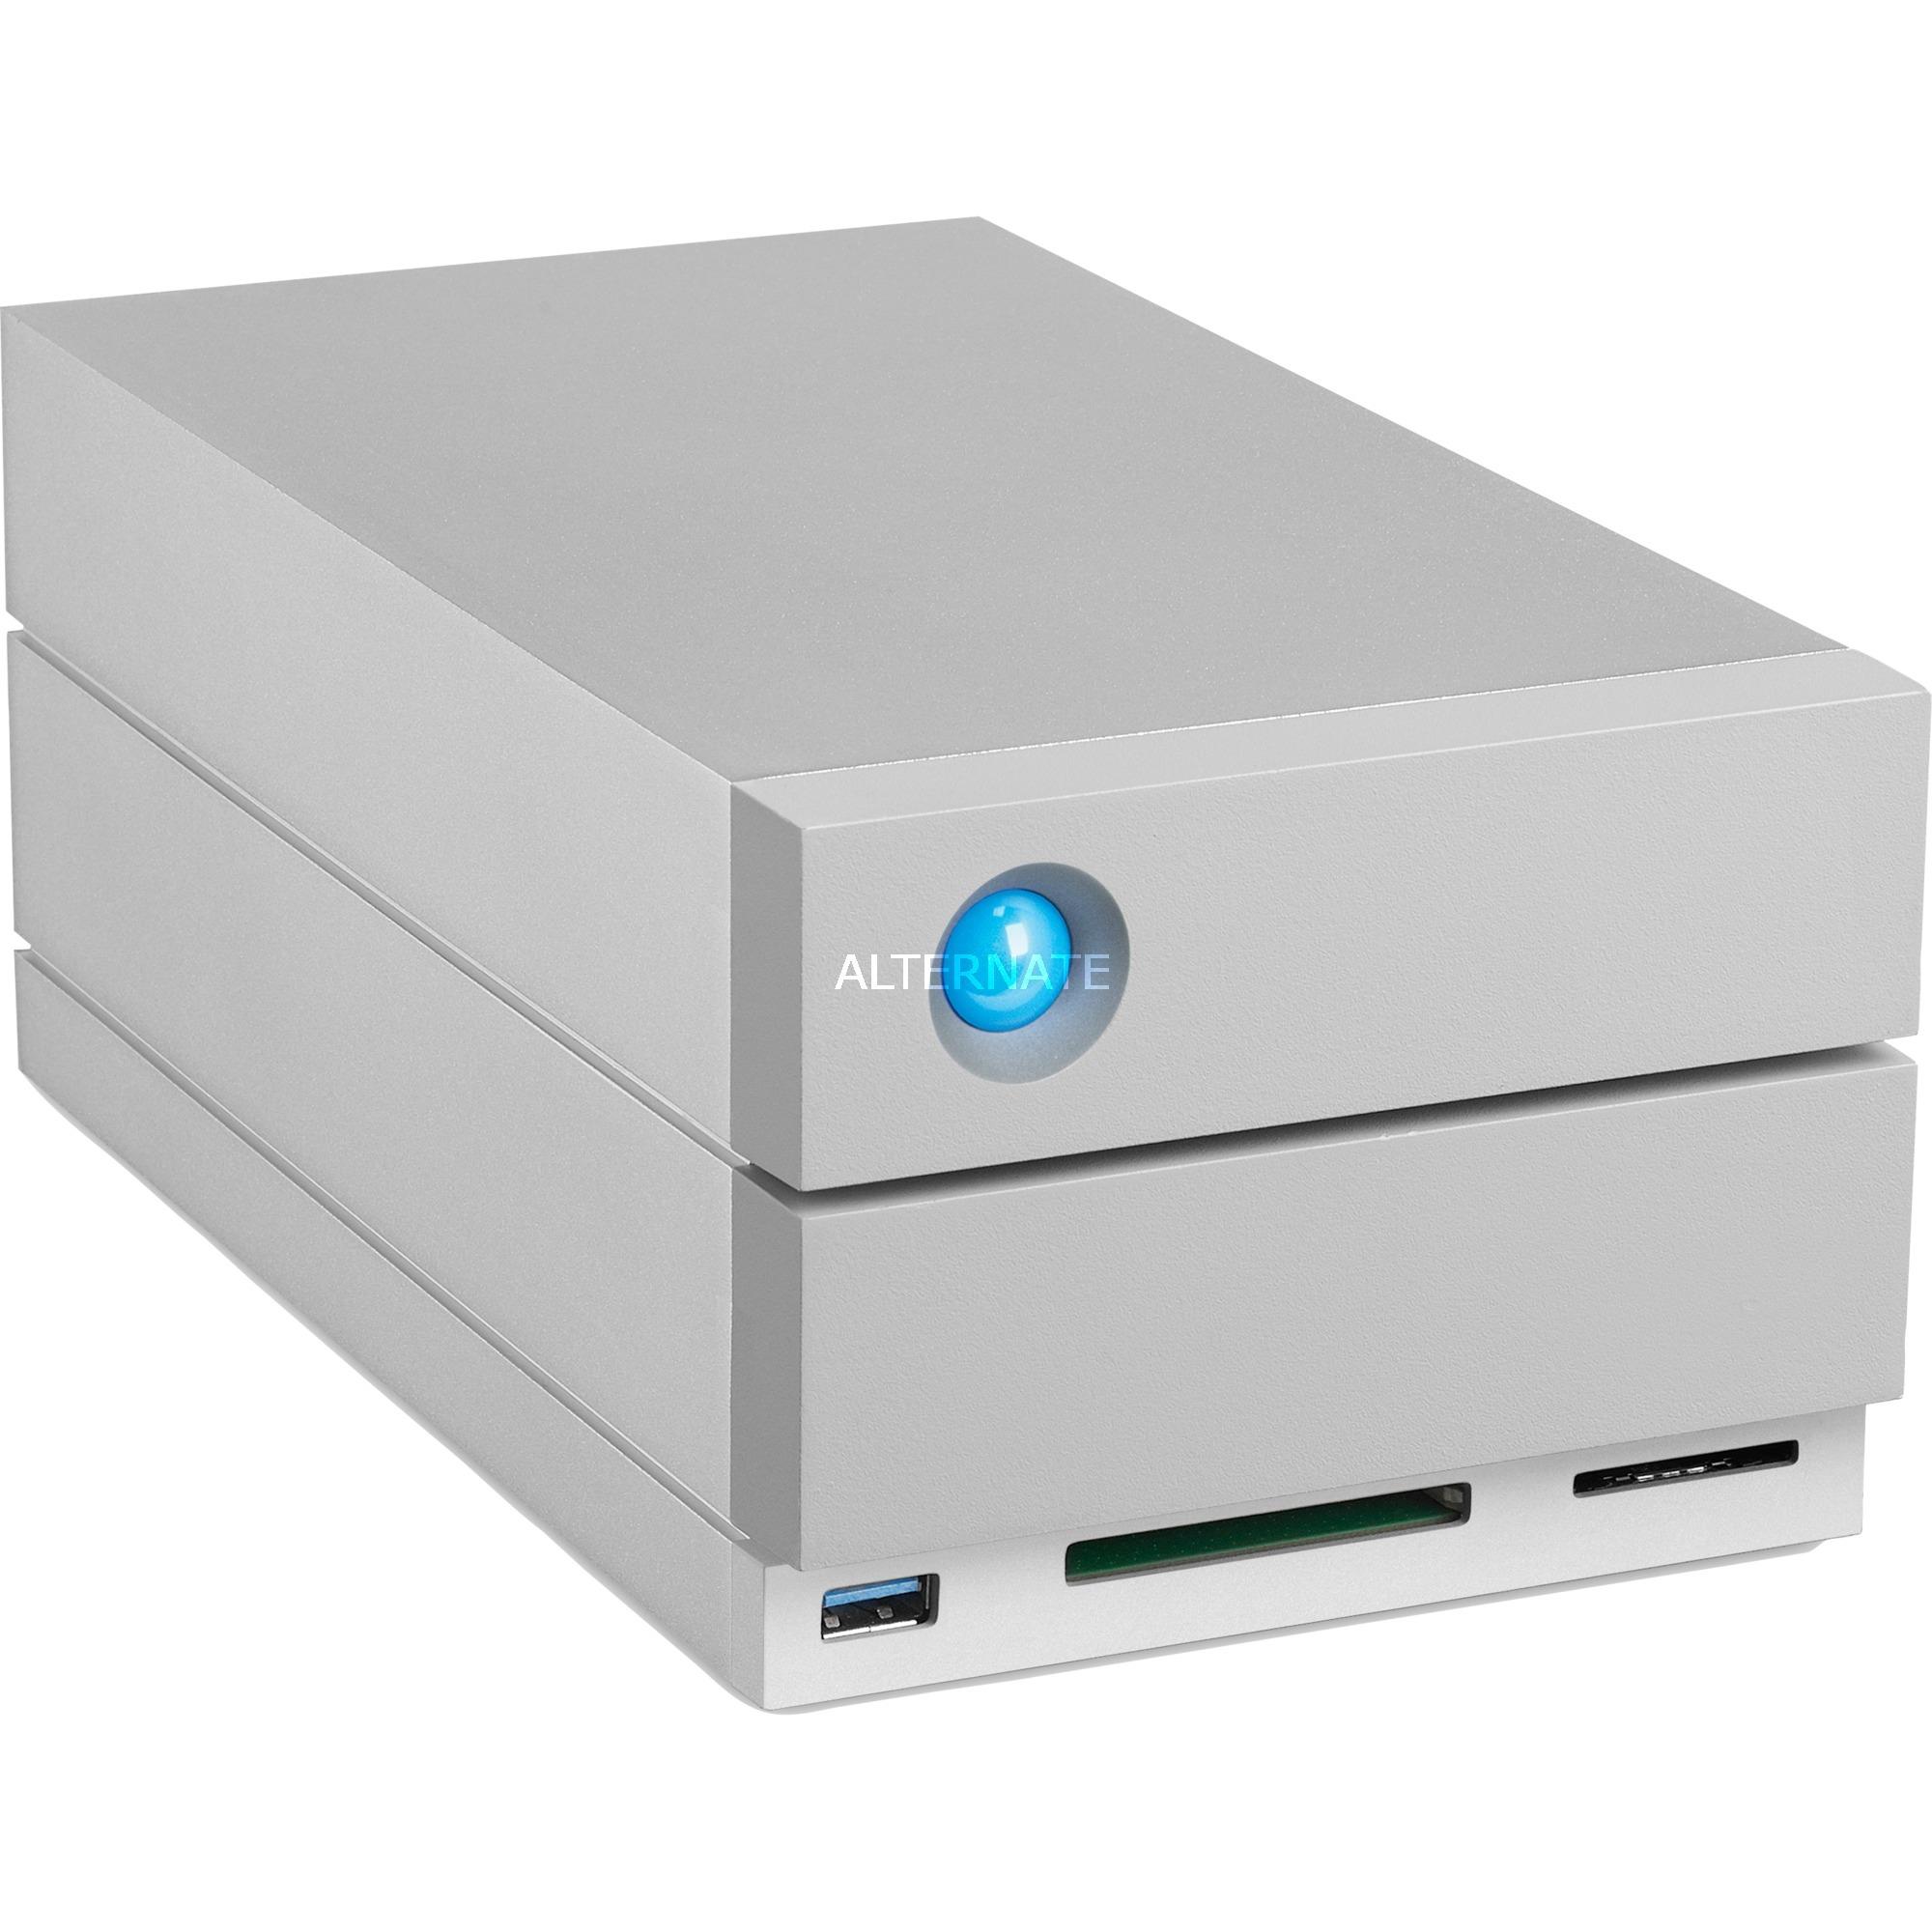 2big Dock Thunderbolt 3 unidad de disco multiple 8 TB Escritorio Gris, Unidad de disco duro